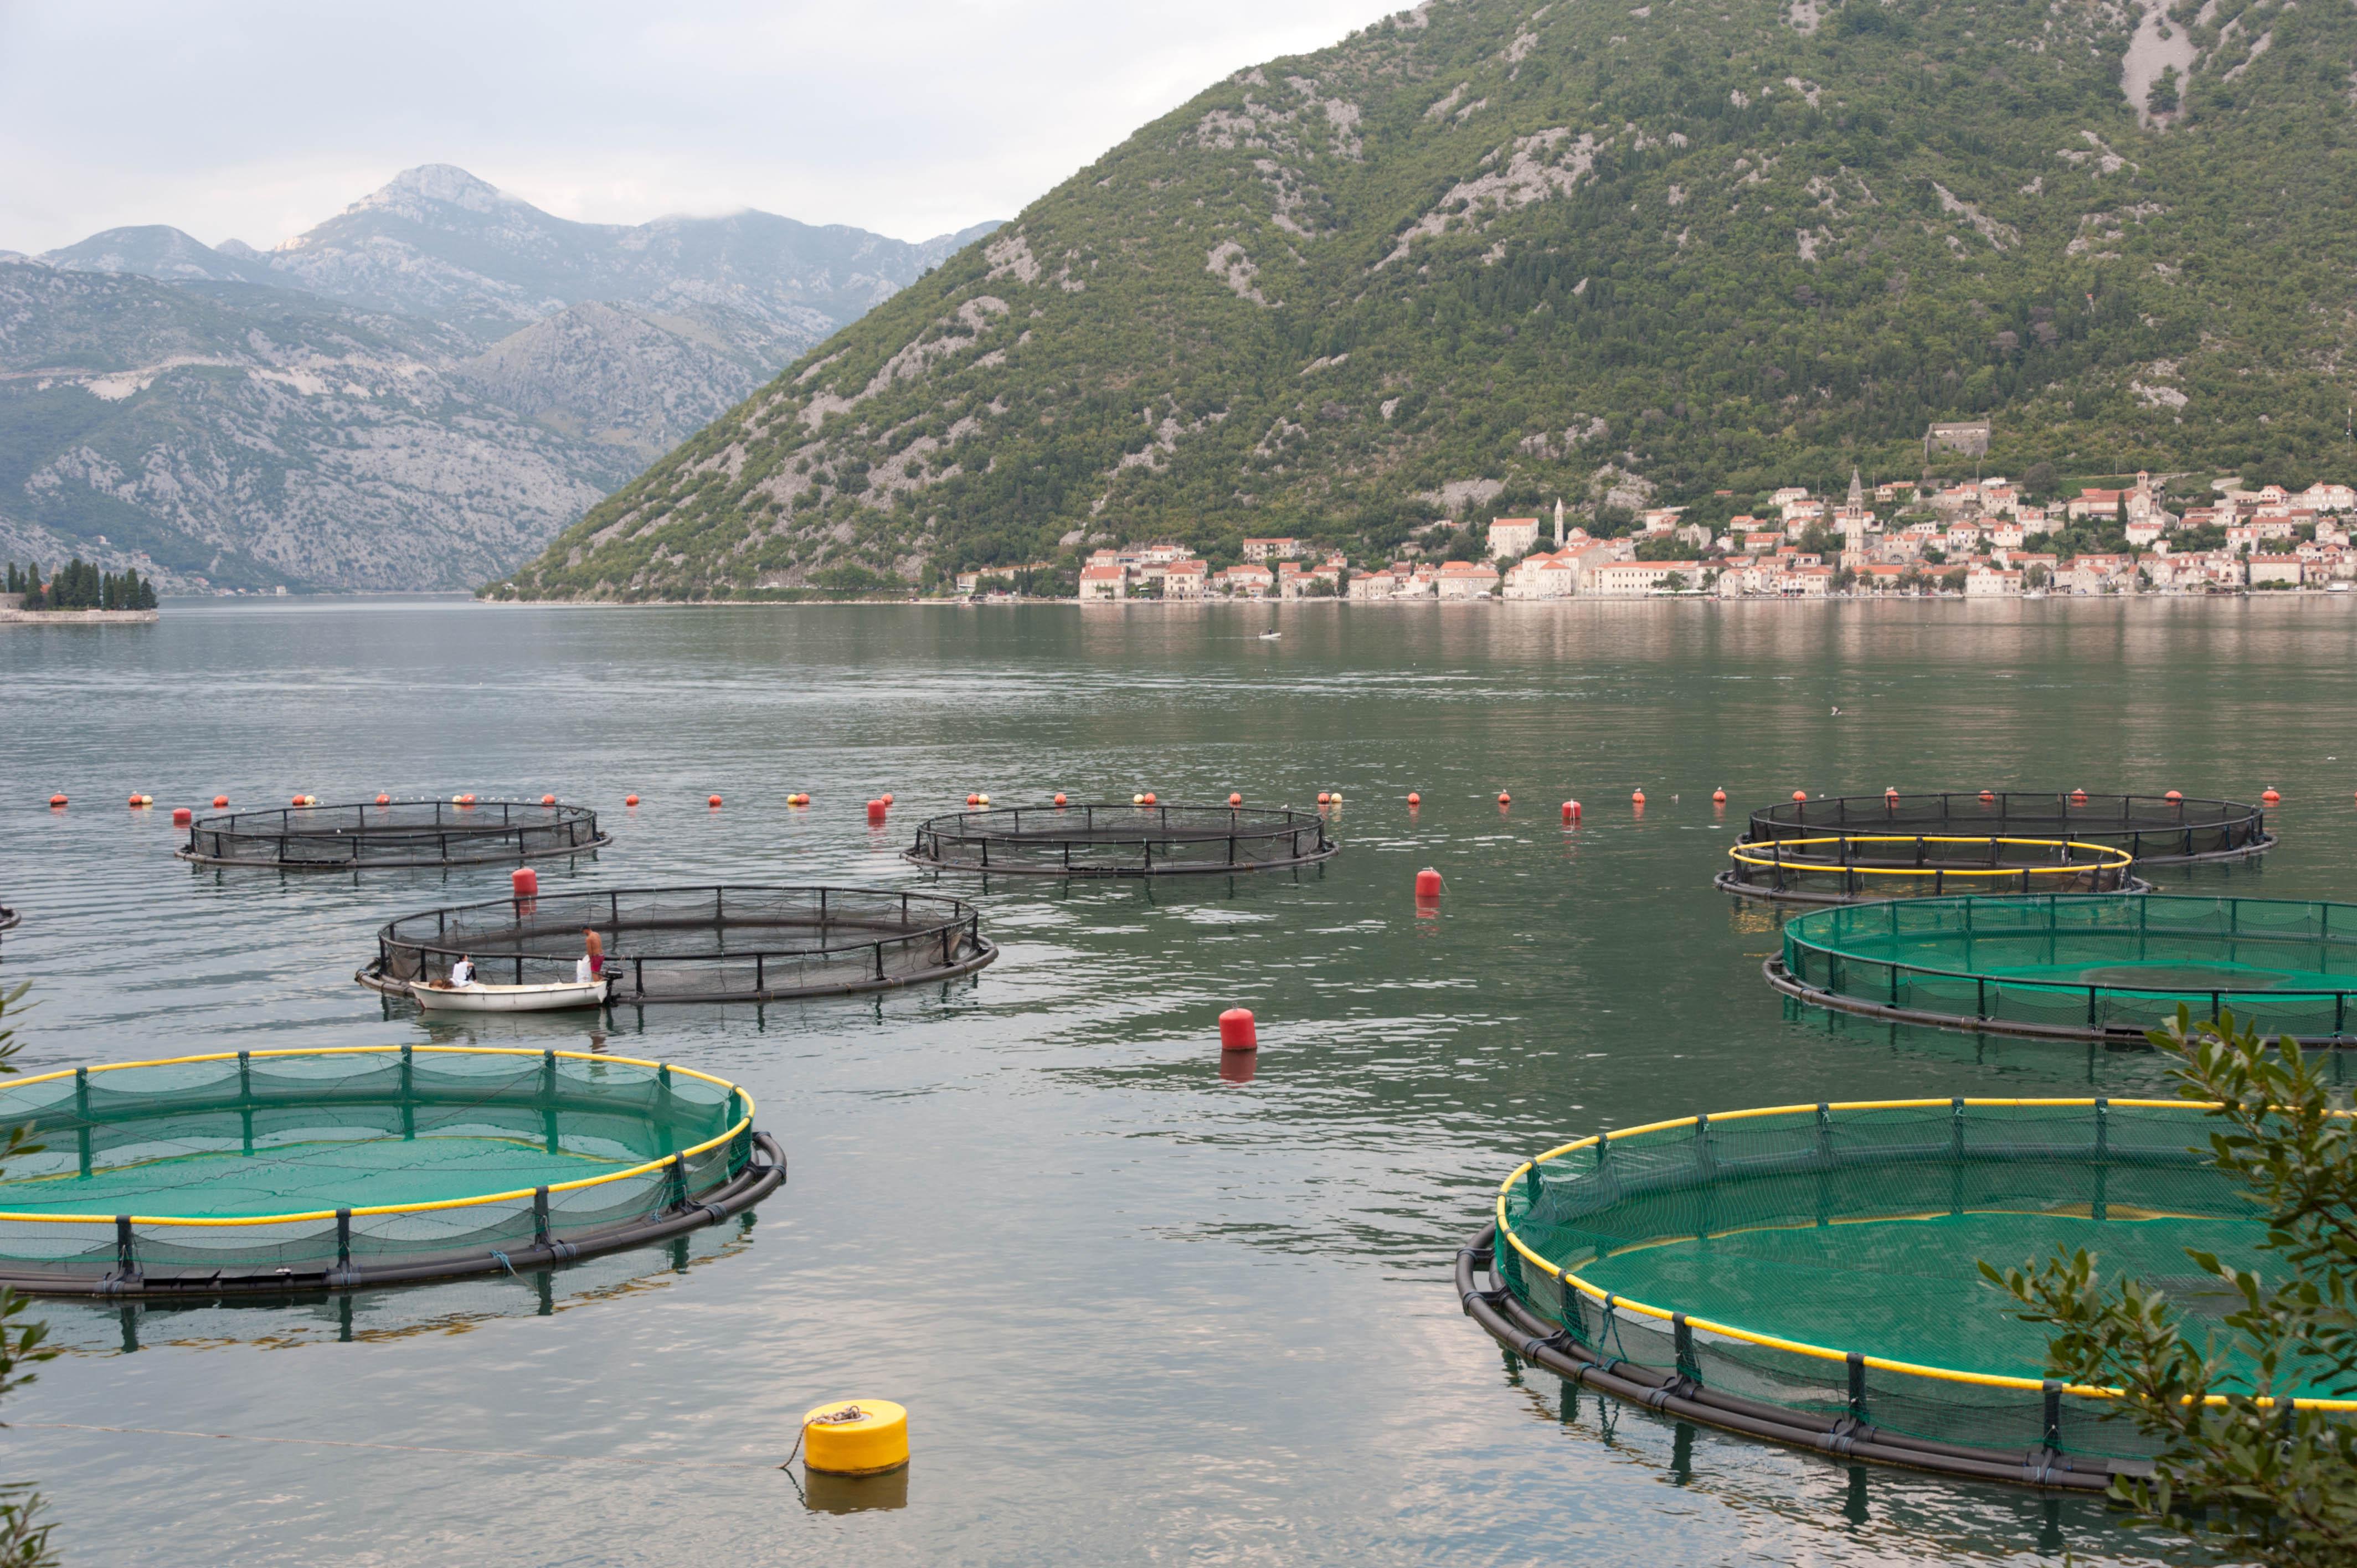 0276-Perast - Bouches de Kotor (Montenegro)